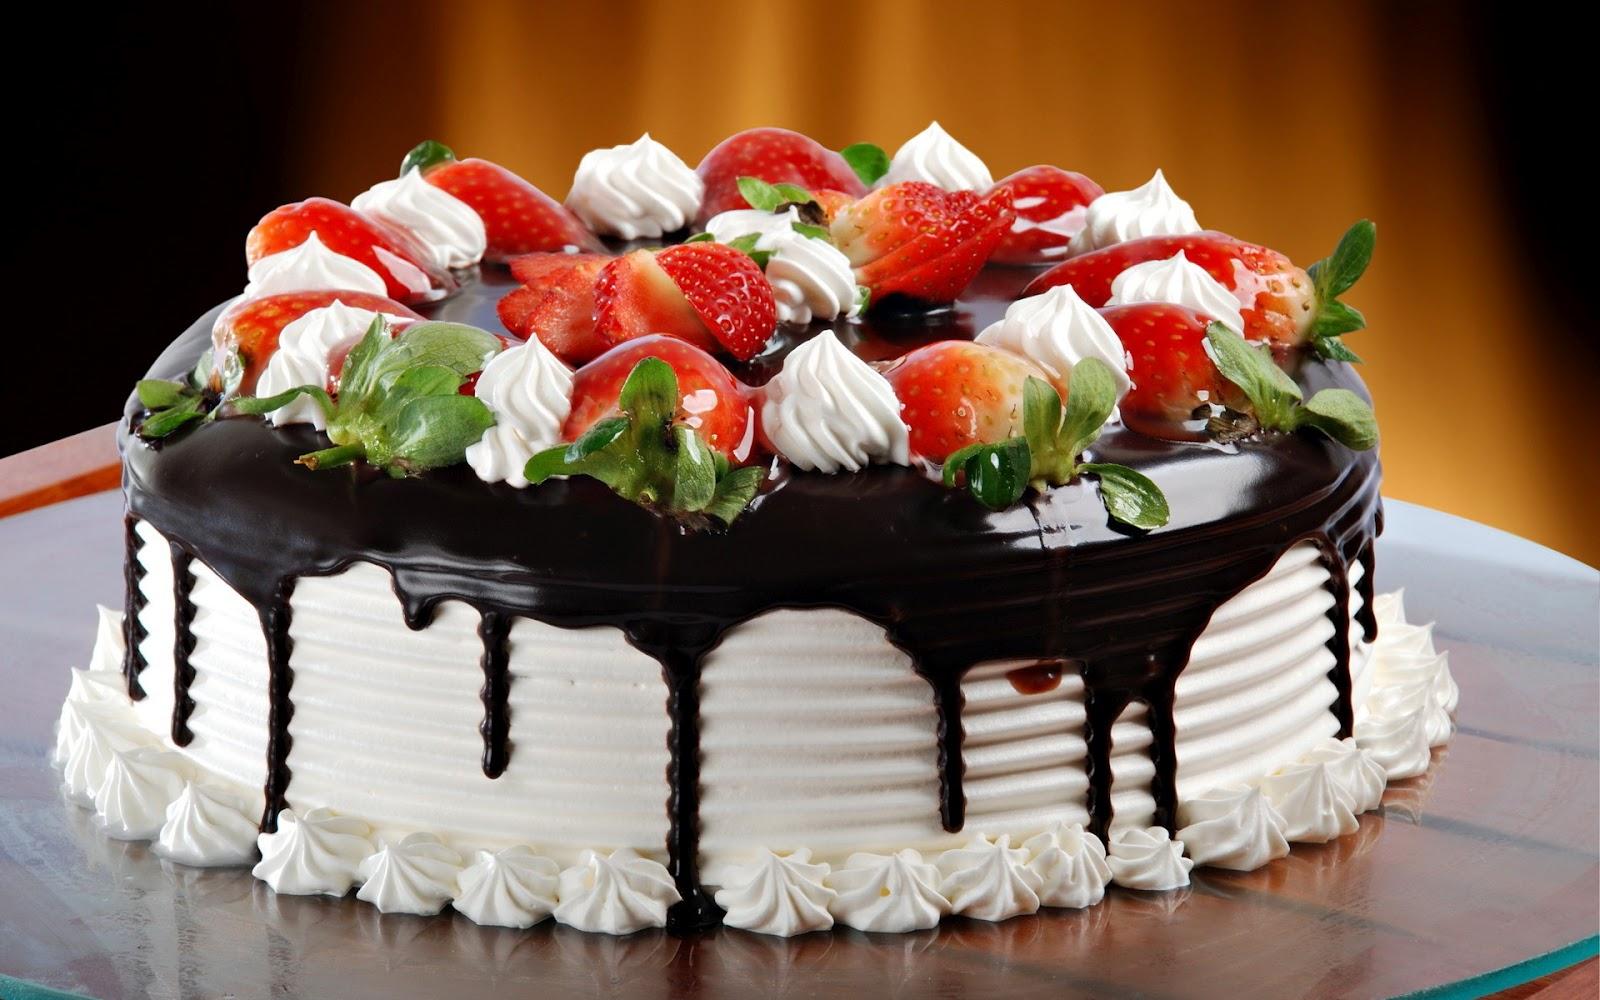 Quale torta sei